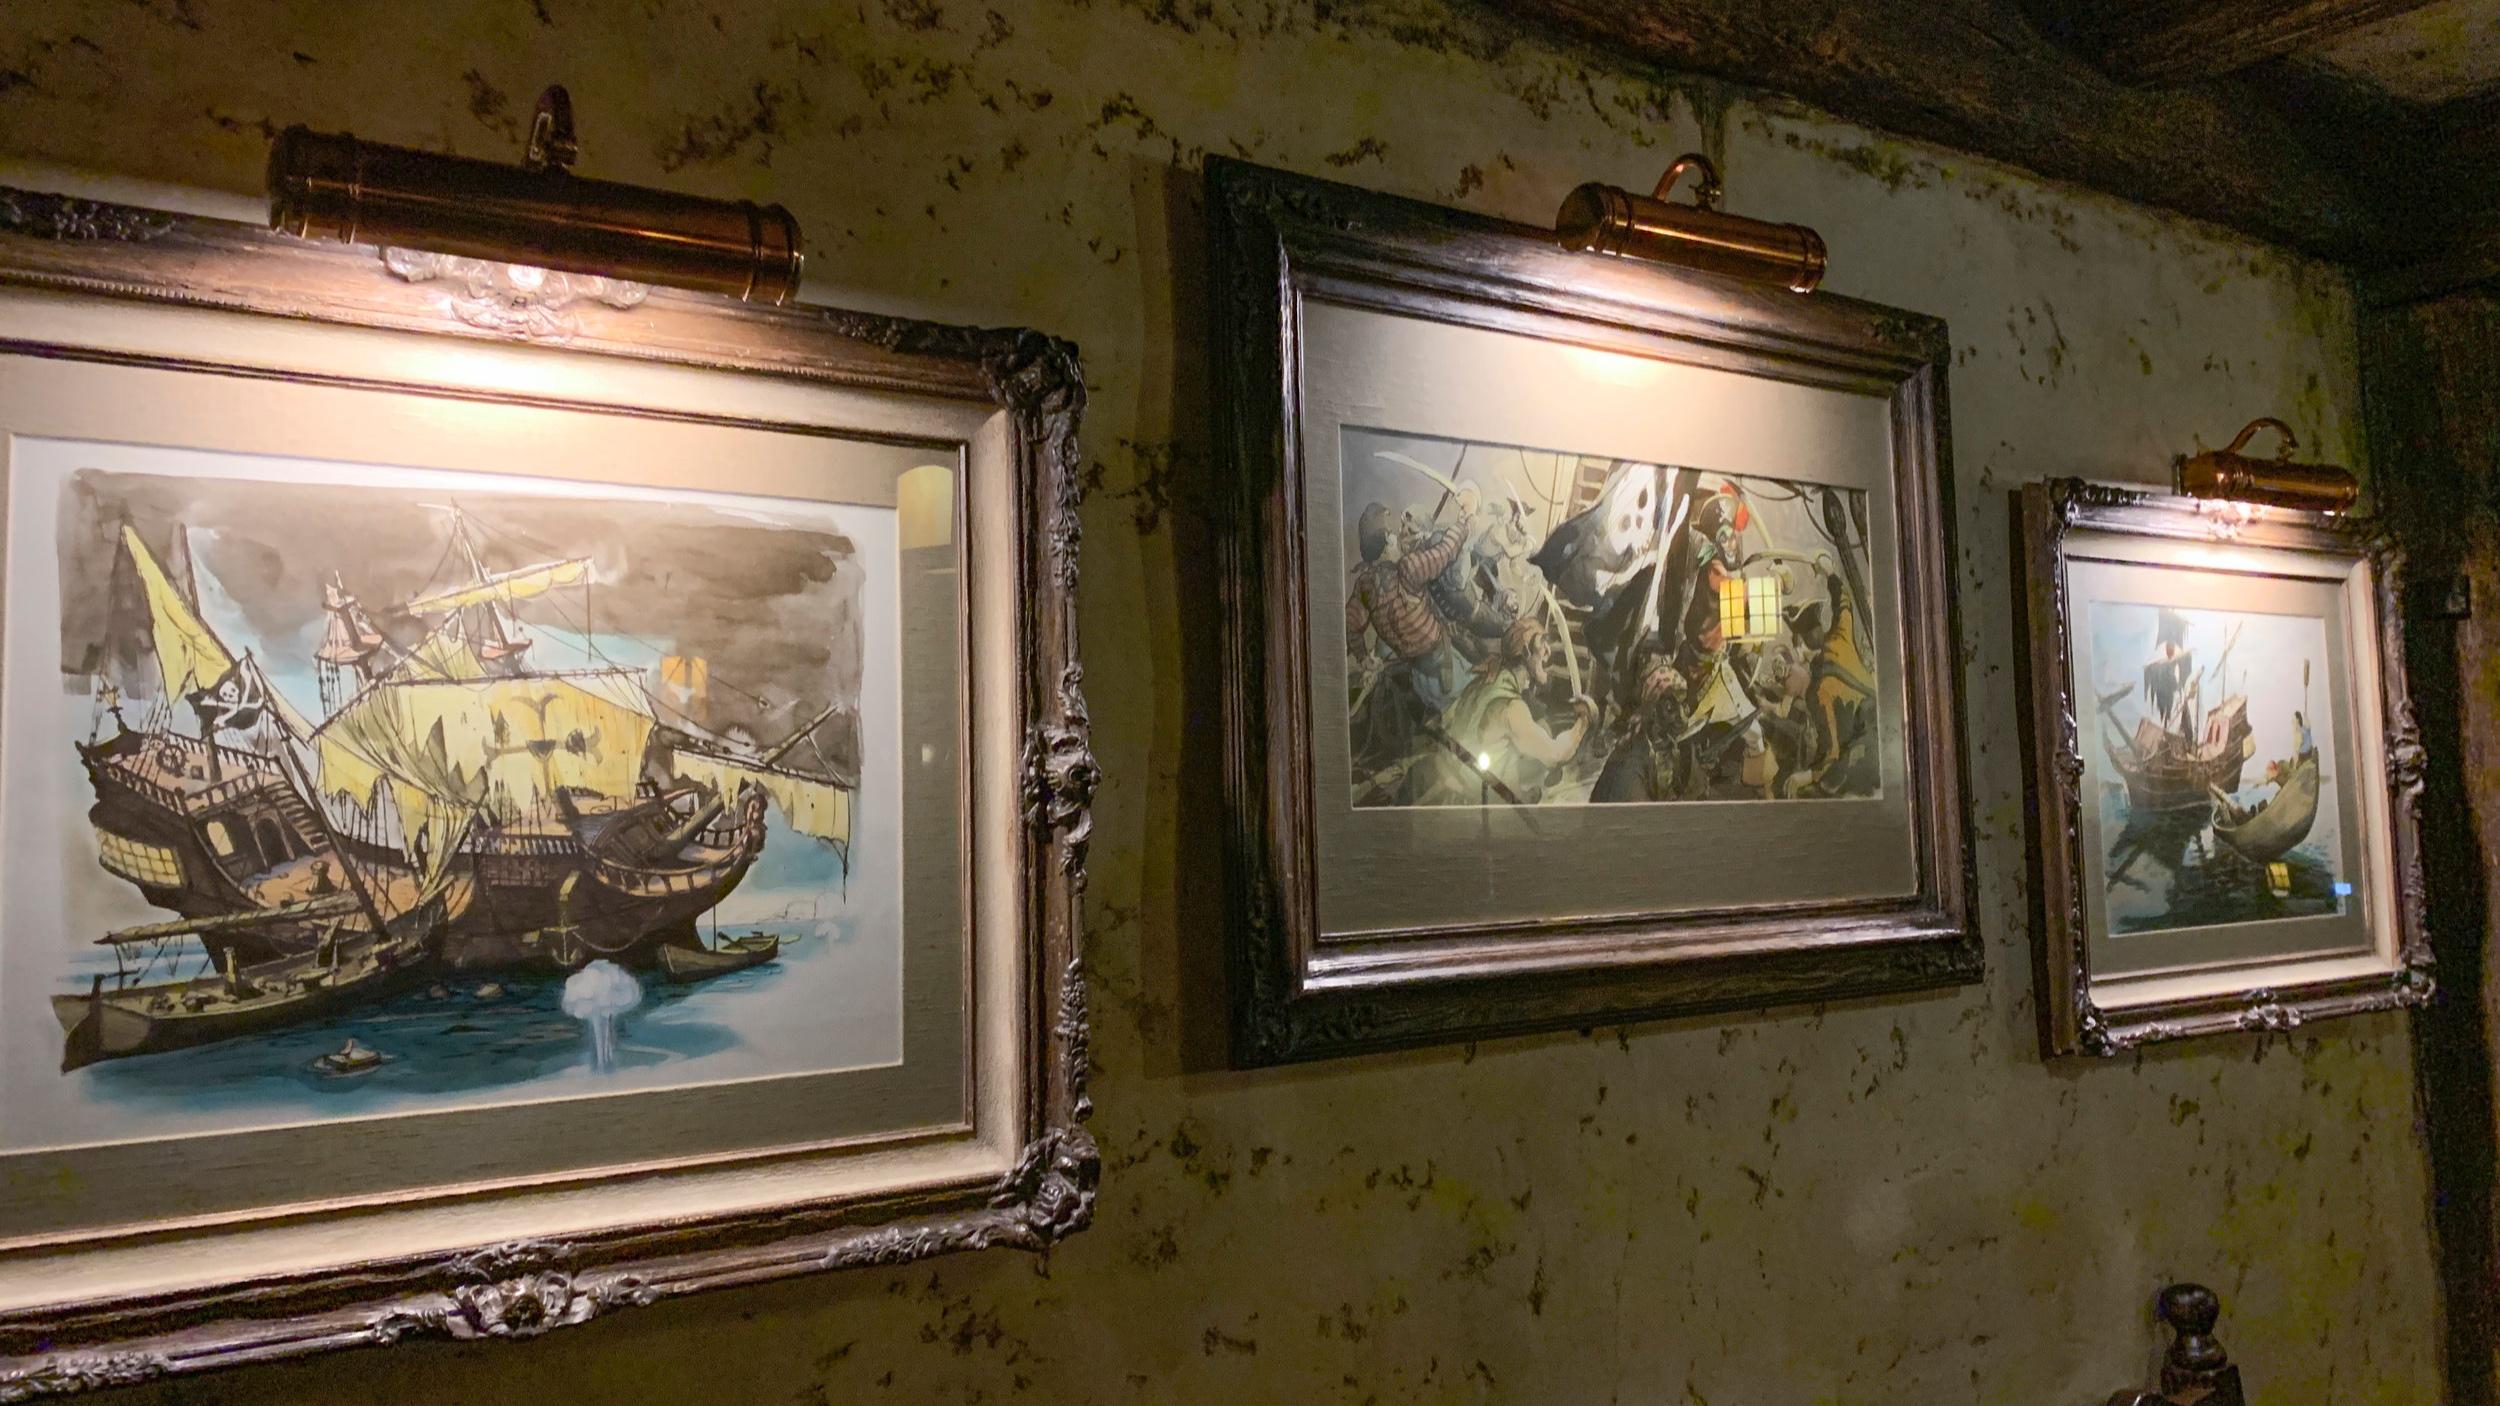 Vintage ride artwork in ornate frames.